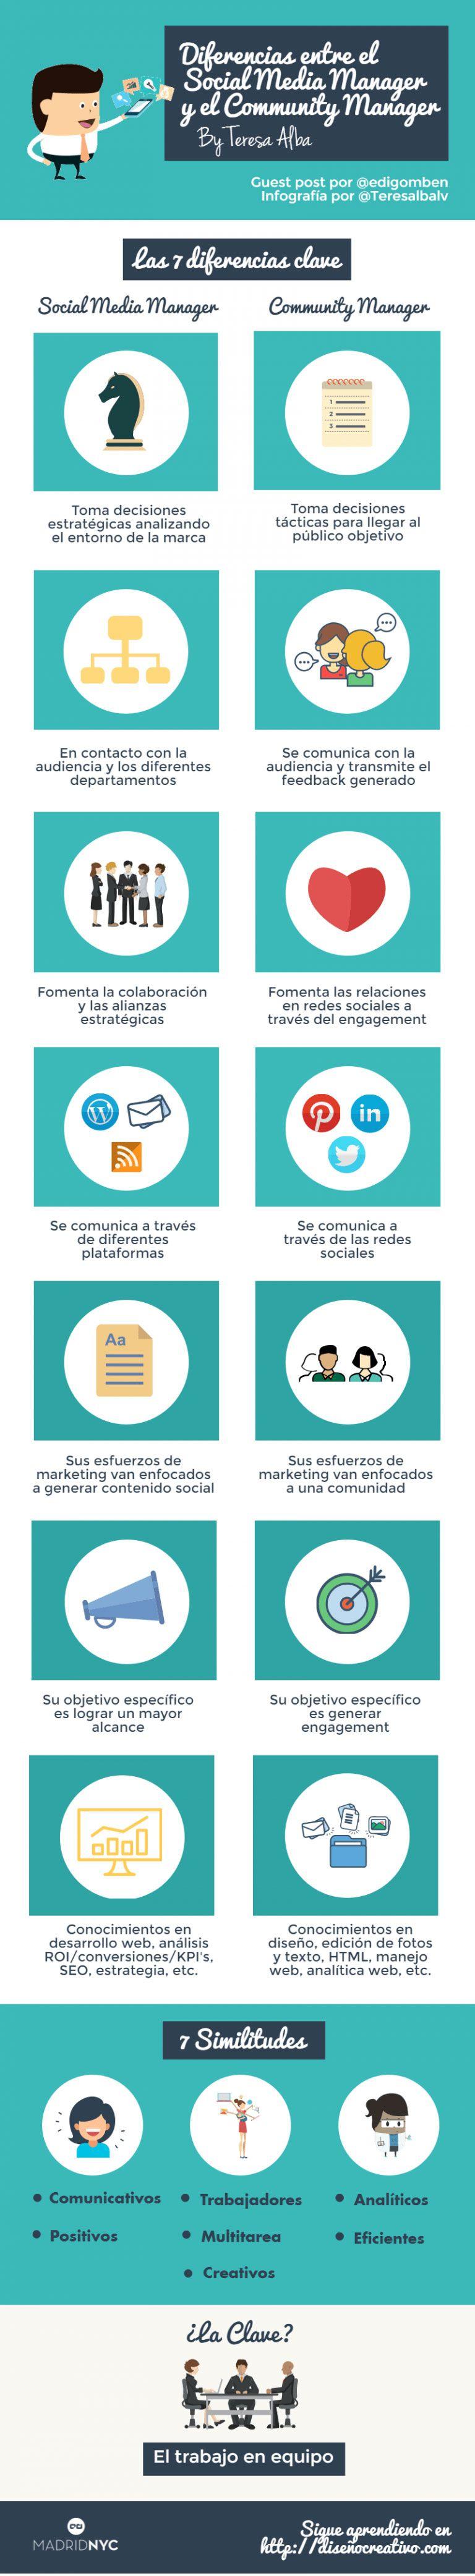 Diferencias entre community manager y social media